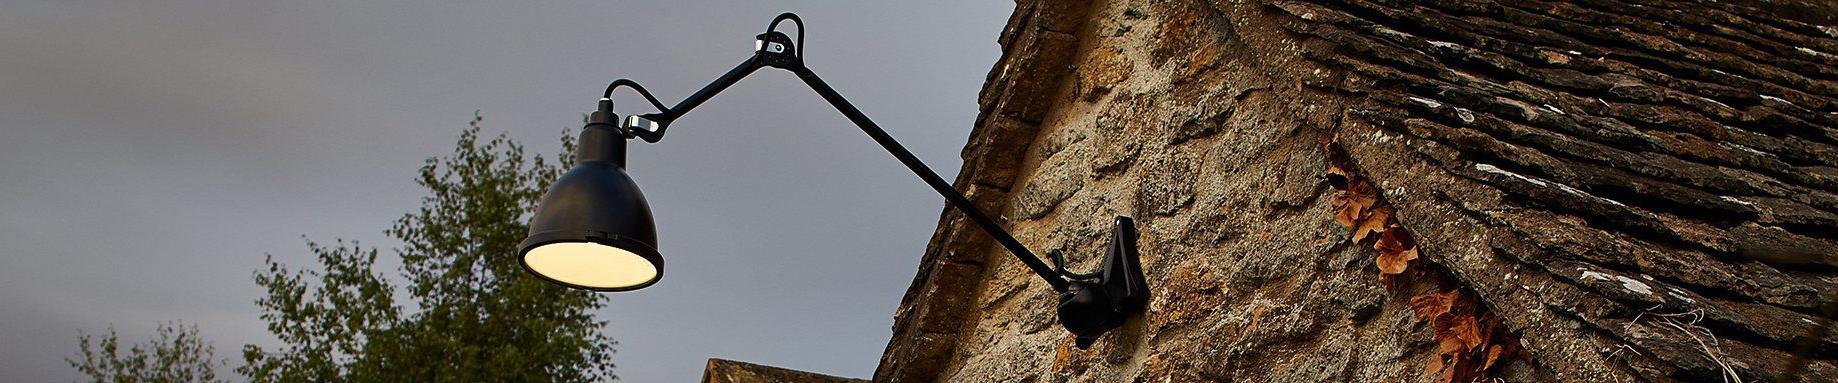 5 x Veelgestelde vragen over buitenverlichting